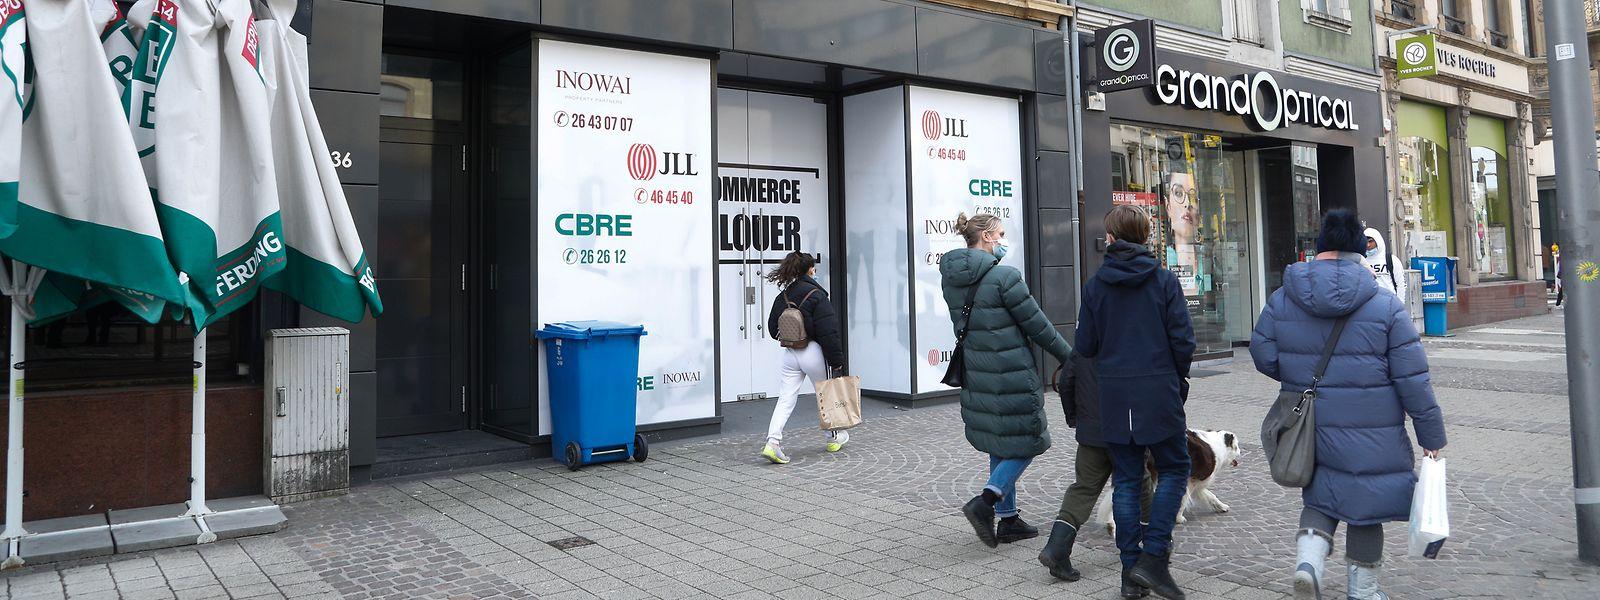 In der Avenue de la Gare warten viele Ladenflächen auf neue Mieter.